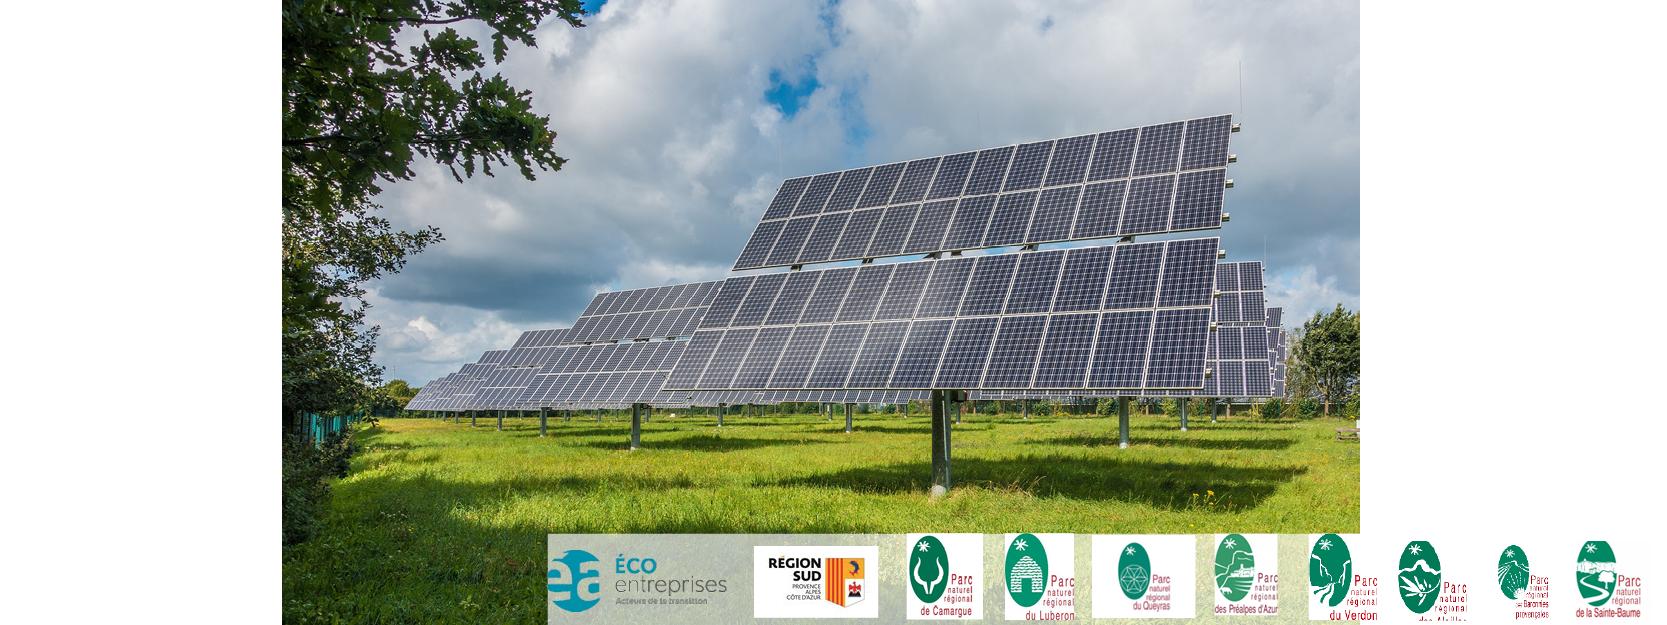 [SAVE THE DATE] Groupe de travail : Photovoltaïque et Biodiversité Parcs Naturels Régionaux